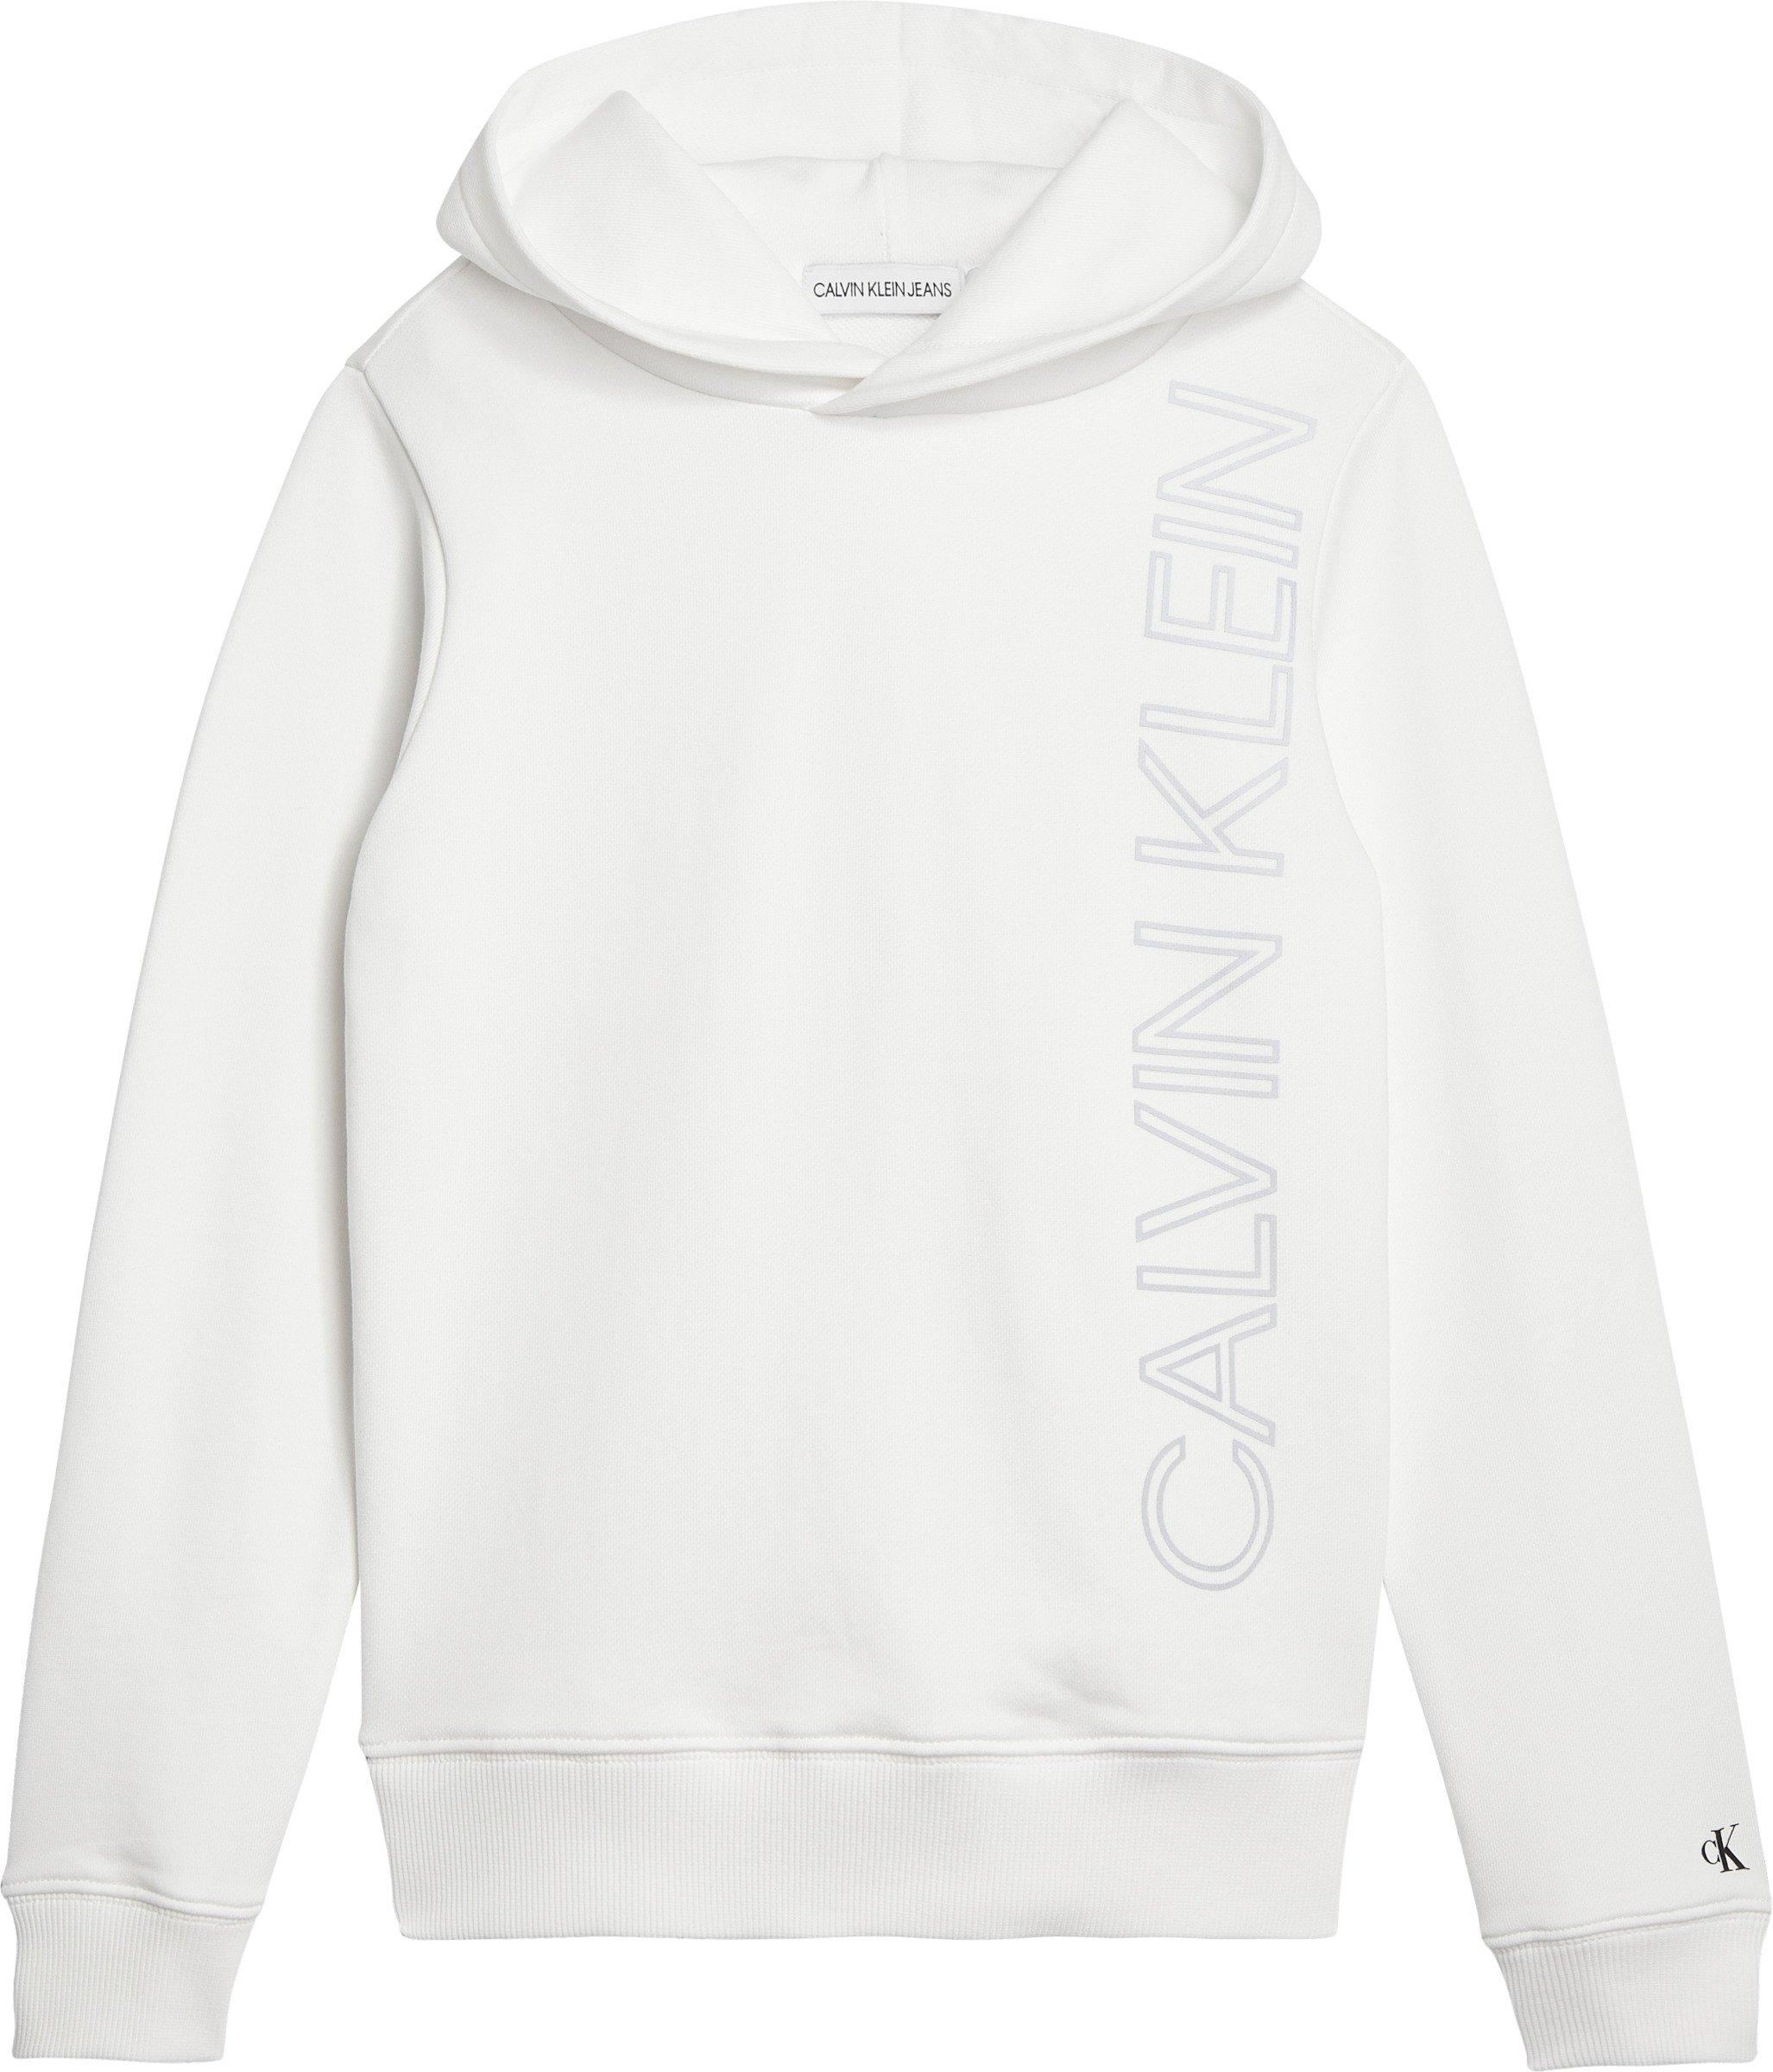 Calvin Klein, Reflective lines logo huppari